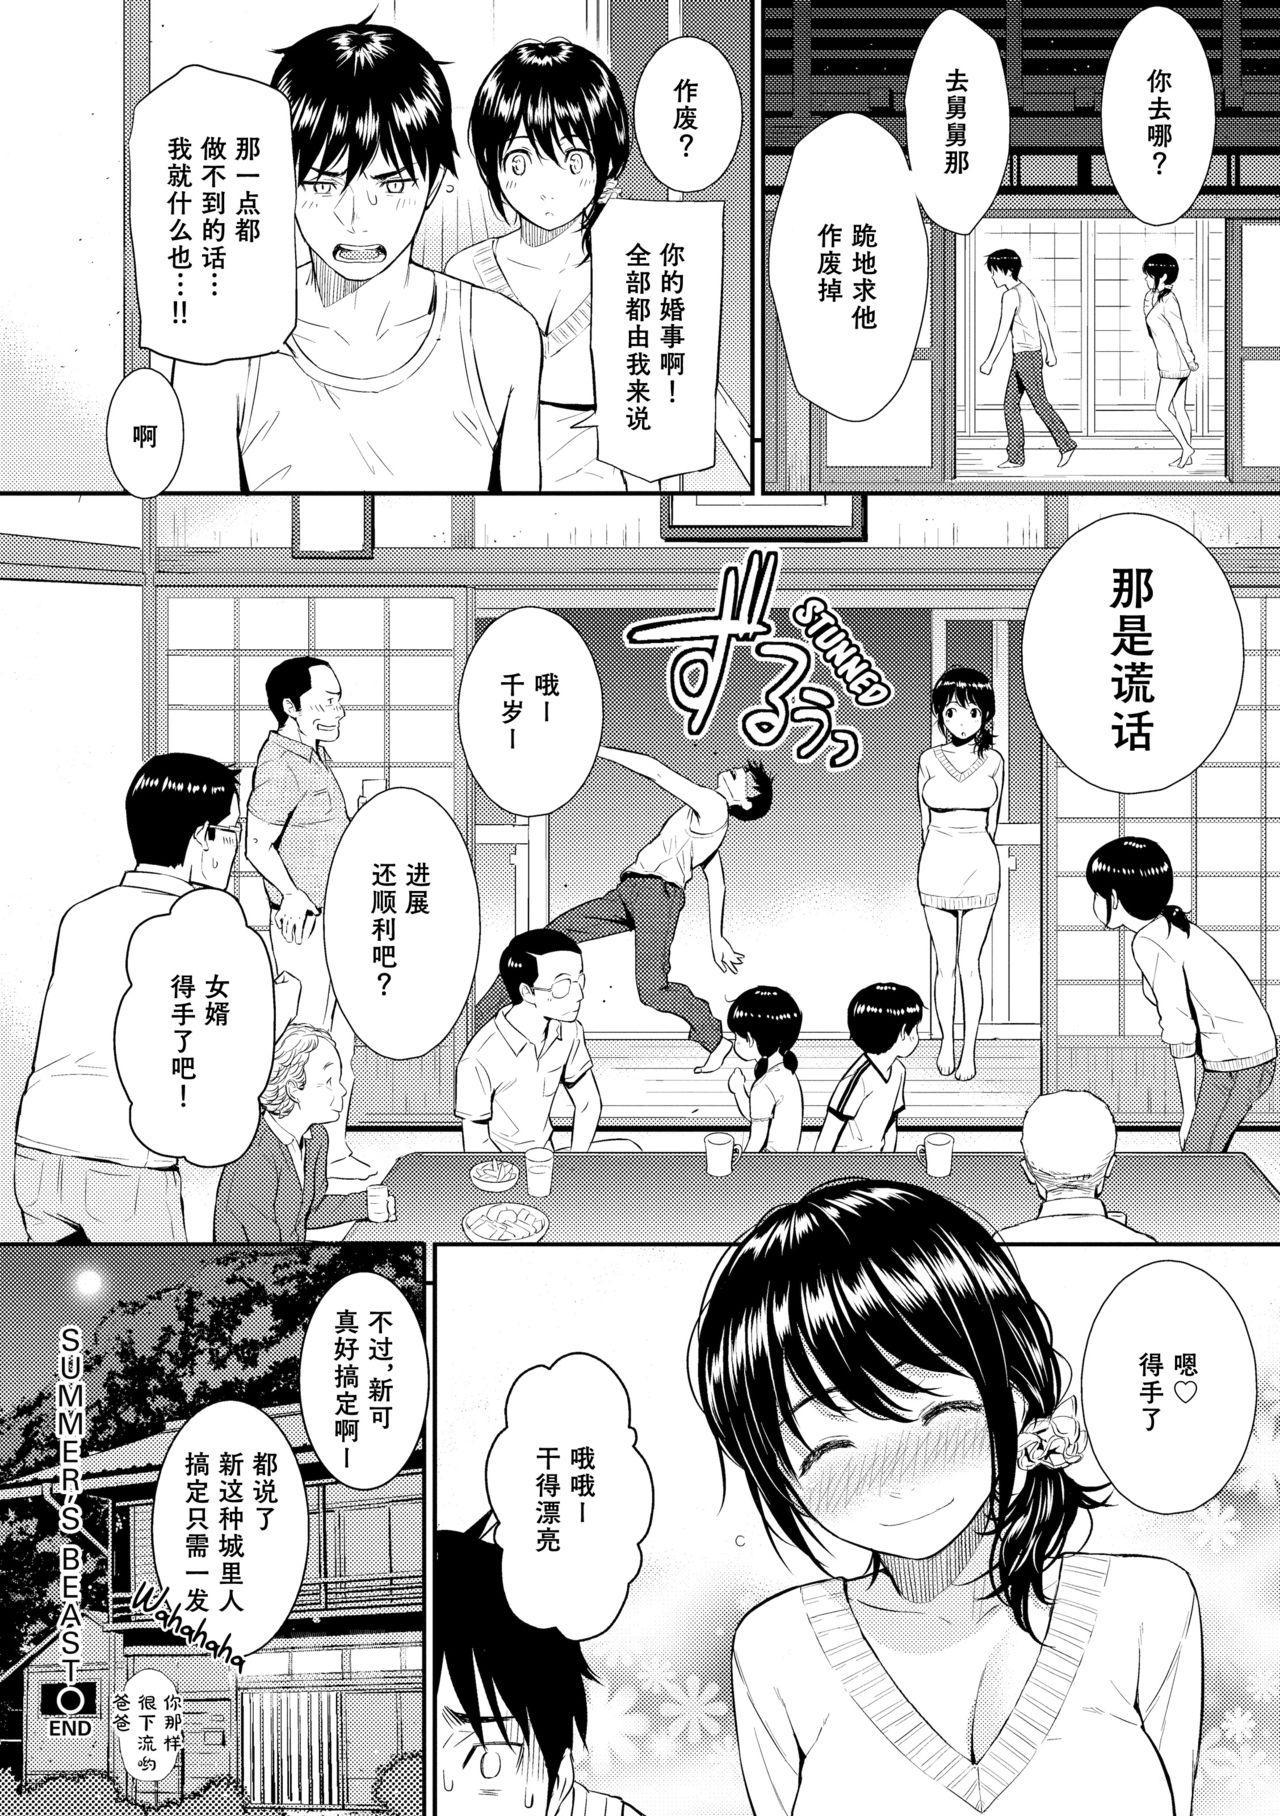 Natsu no Kemono | Summer's Beast 23